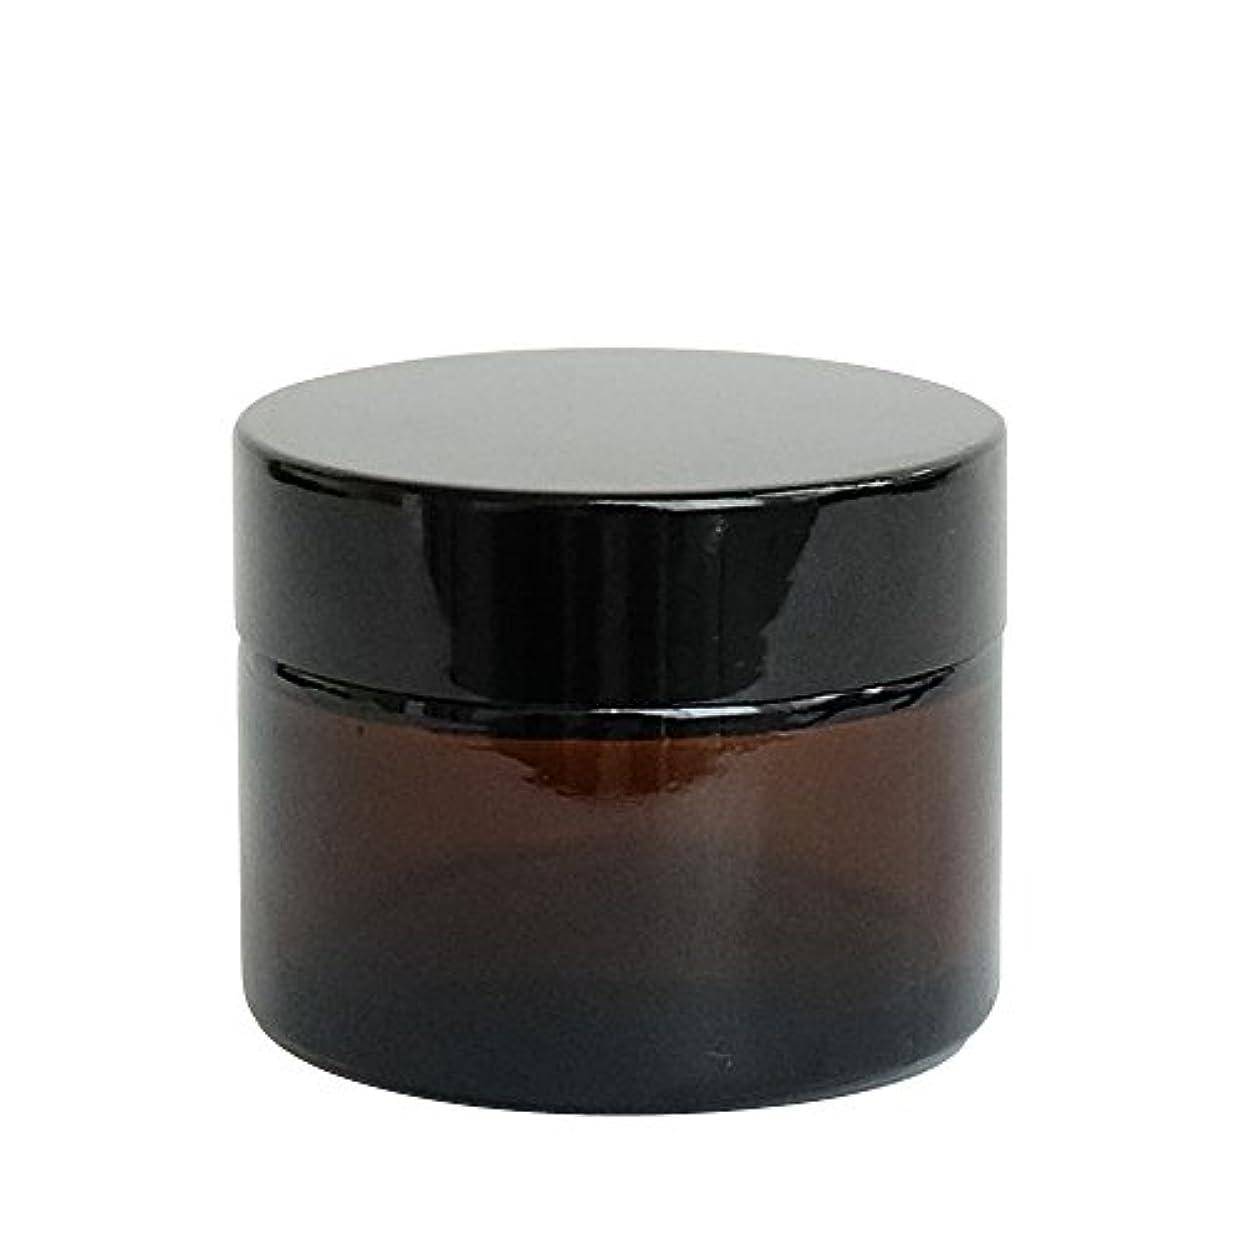 発見するわずかな休眠ease 遮光ジャー 茶色 50g用×10個